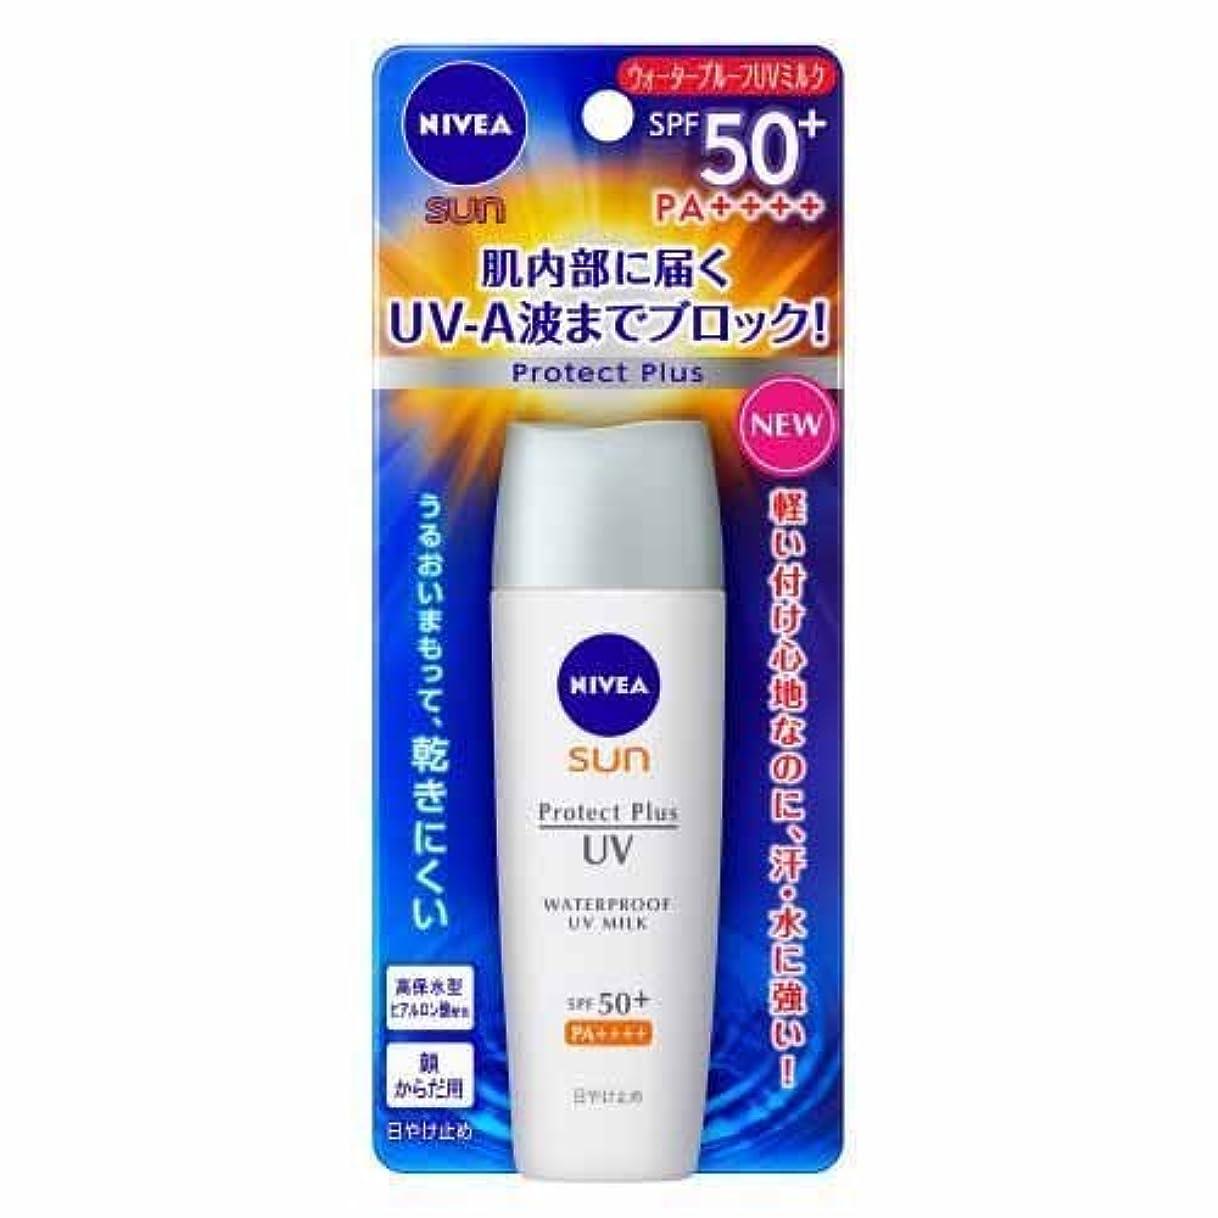 しなければならない成長休日にニベアサン プロテクトプラス ウォータープルーフUVミルク SPF50+PA++++ 40ml